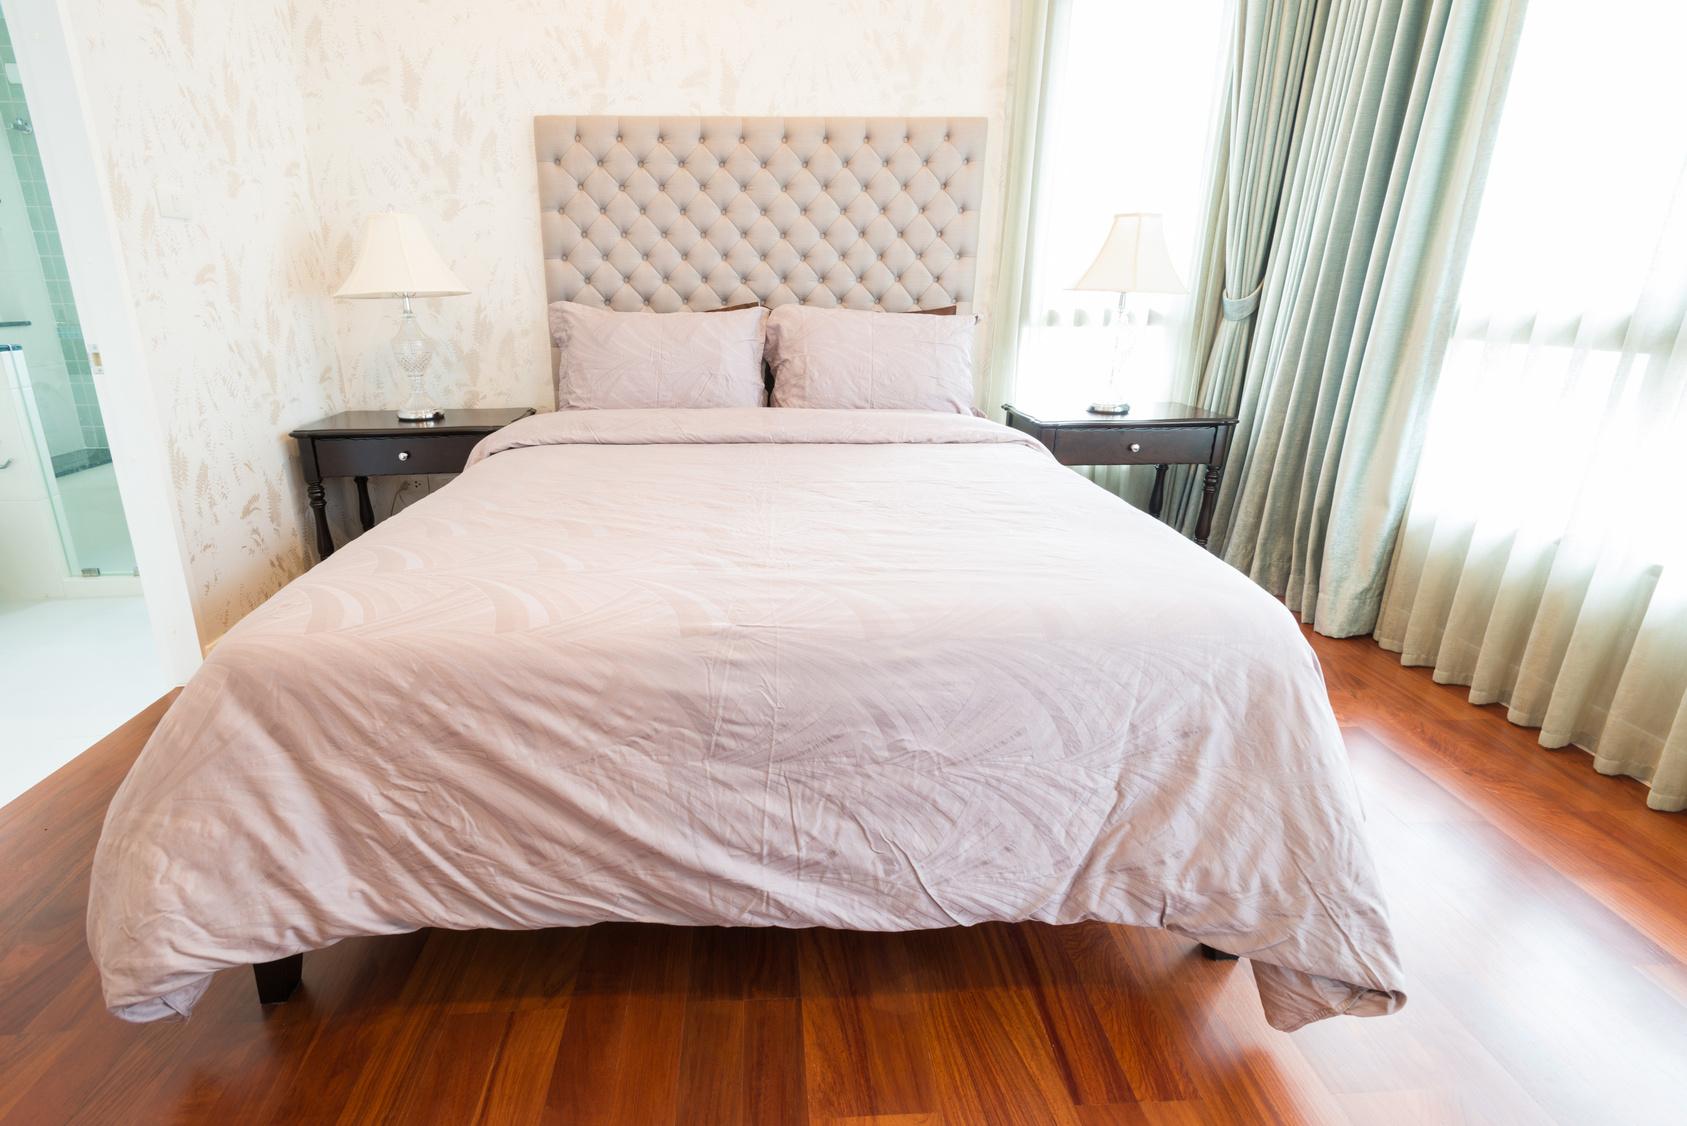 Маленькая спальня в доме: как создать комфорт в небольшом помещении (58 фото)